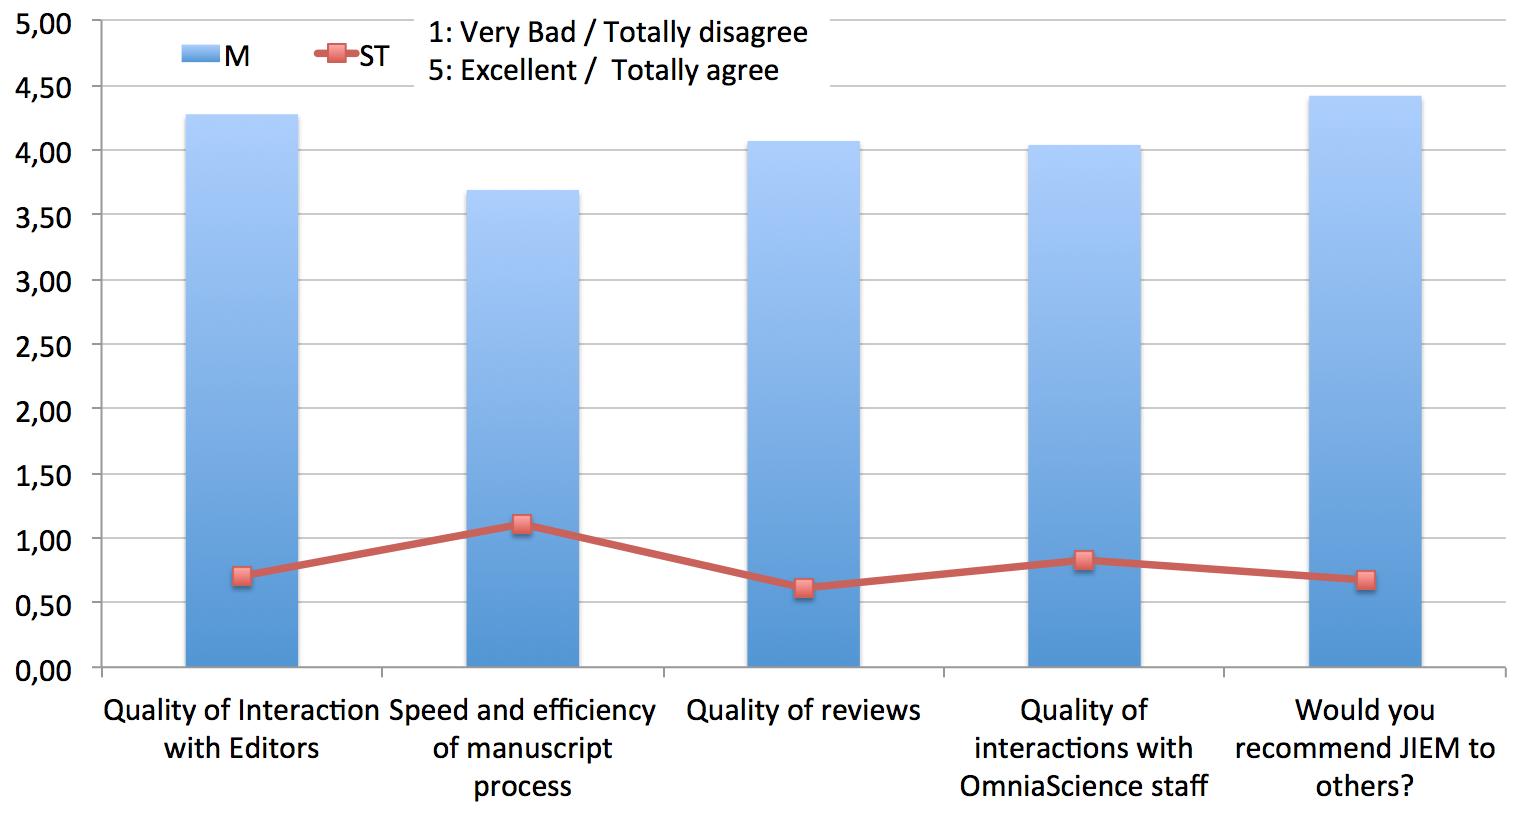 Author Survey 2013 - Mean